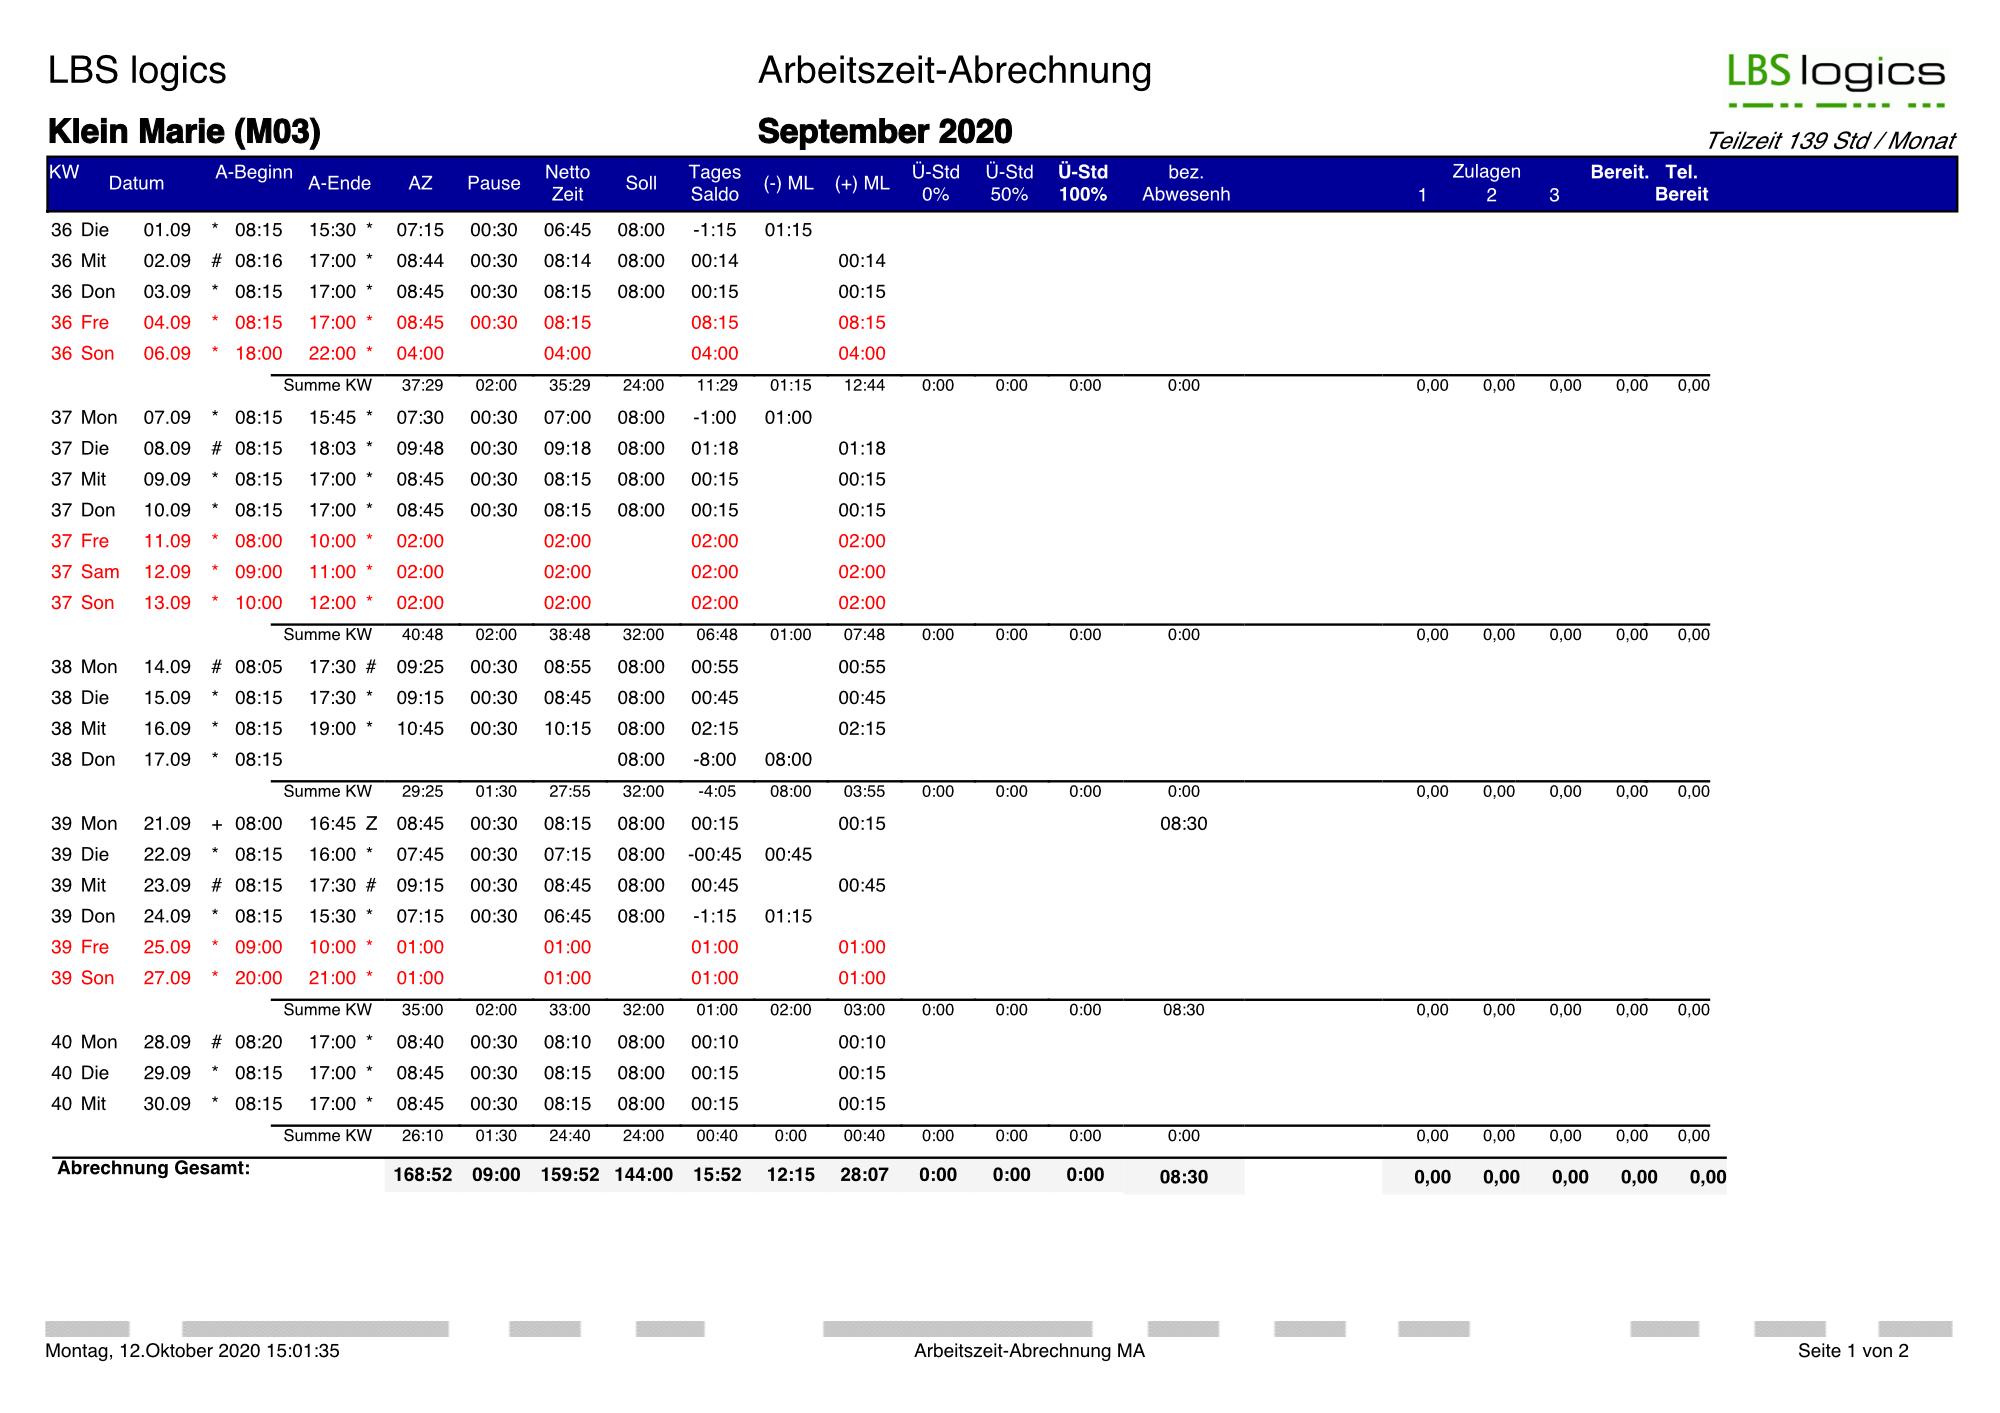 Arbeitszeit-Abrechnung am Monatsende in IMS